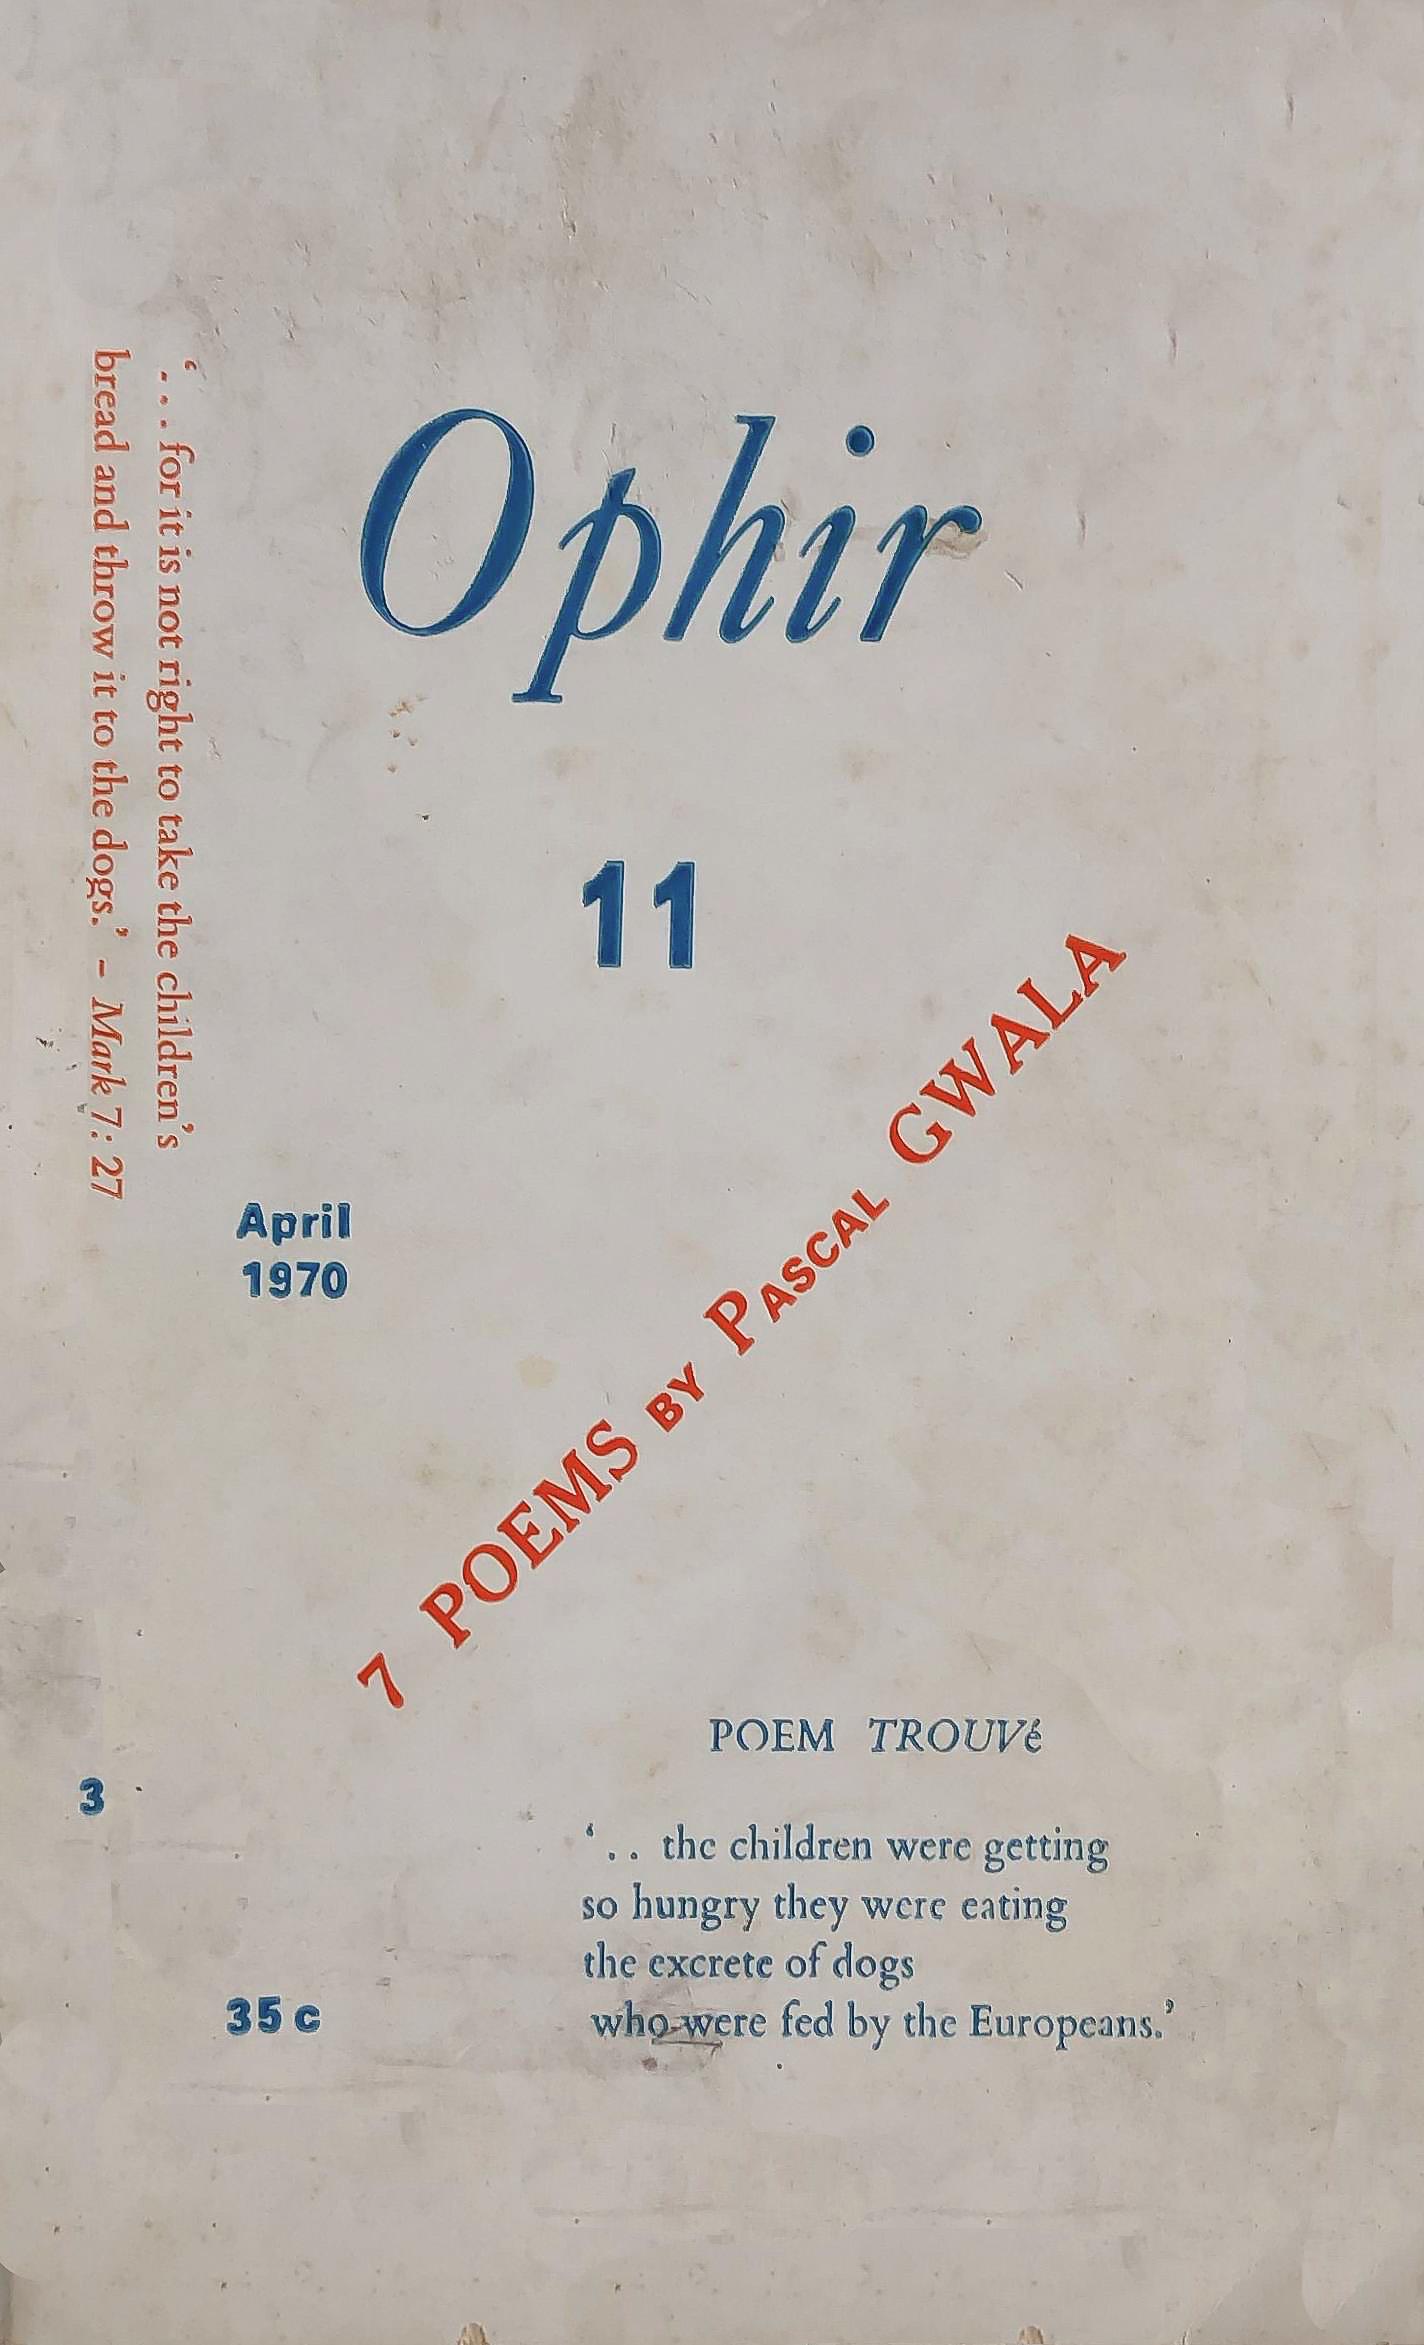 Ophir_11_1970